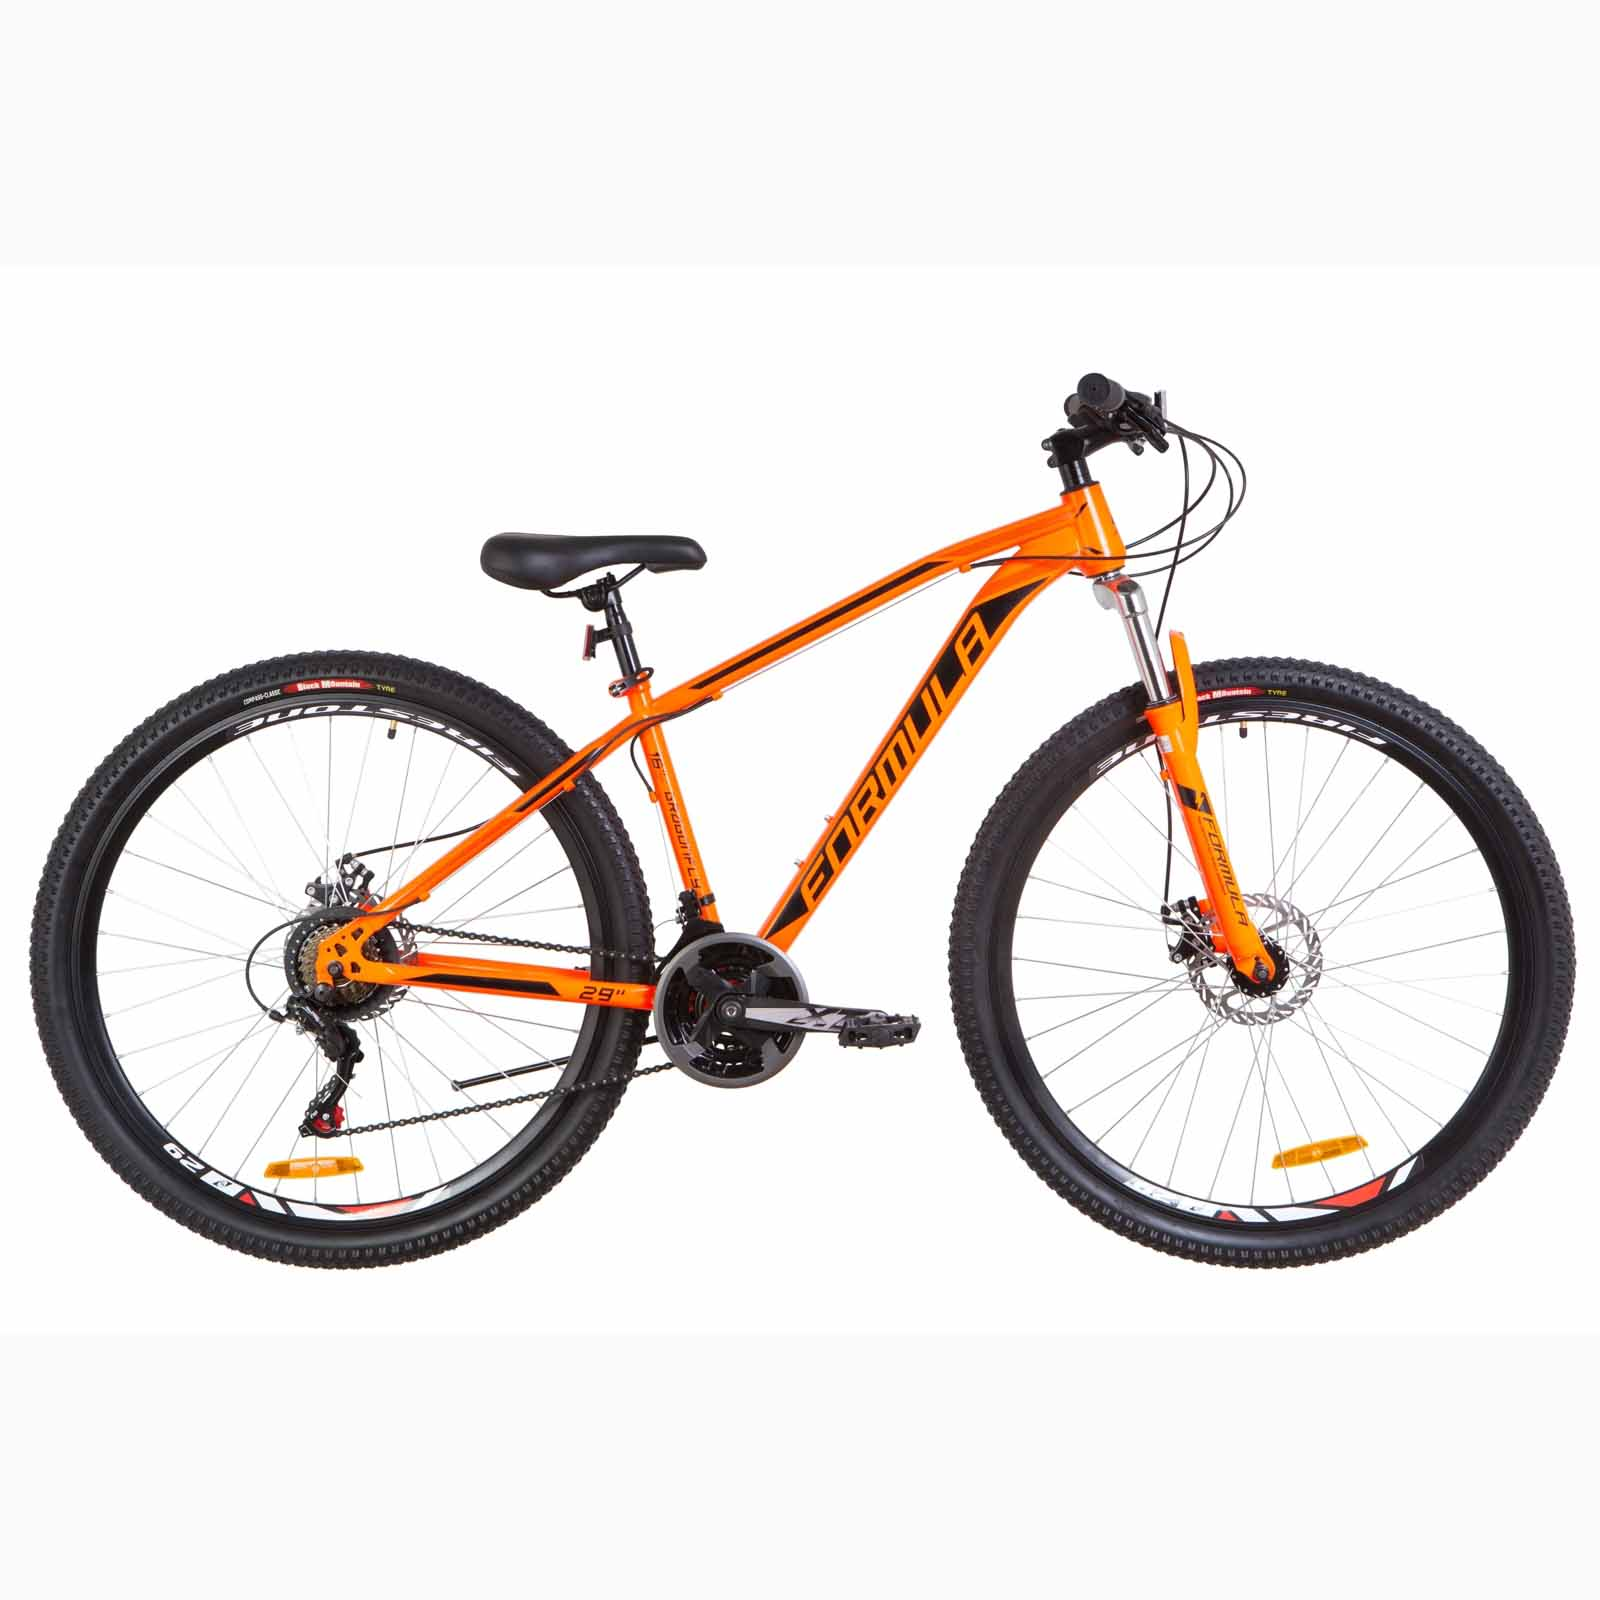 Фото Горный Велосипед 29 Formula DRAGONFLY  оранжевый (м)   2019